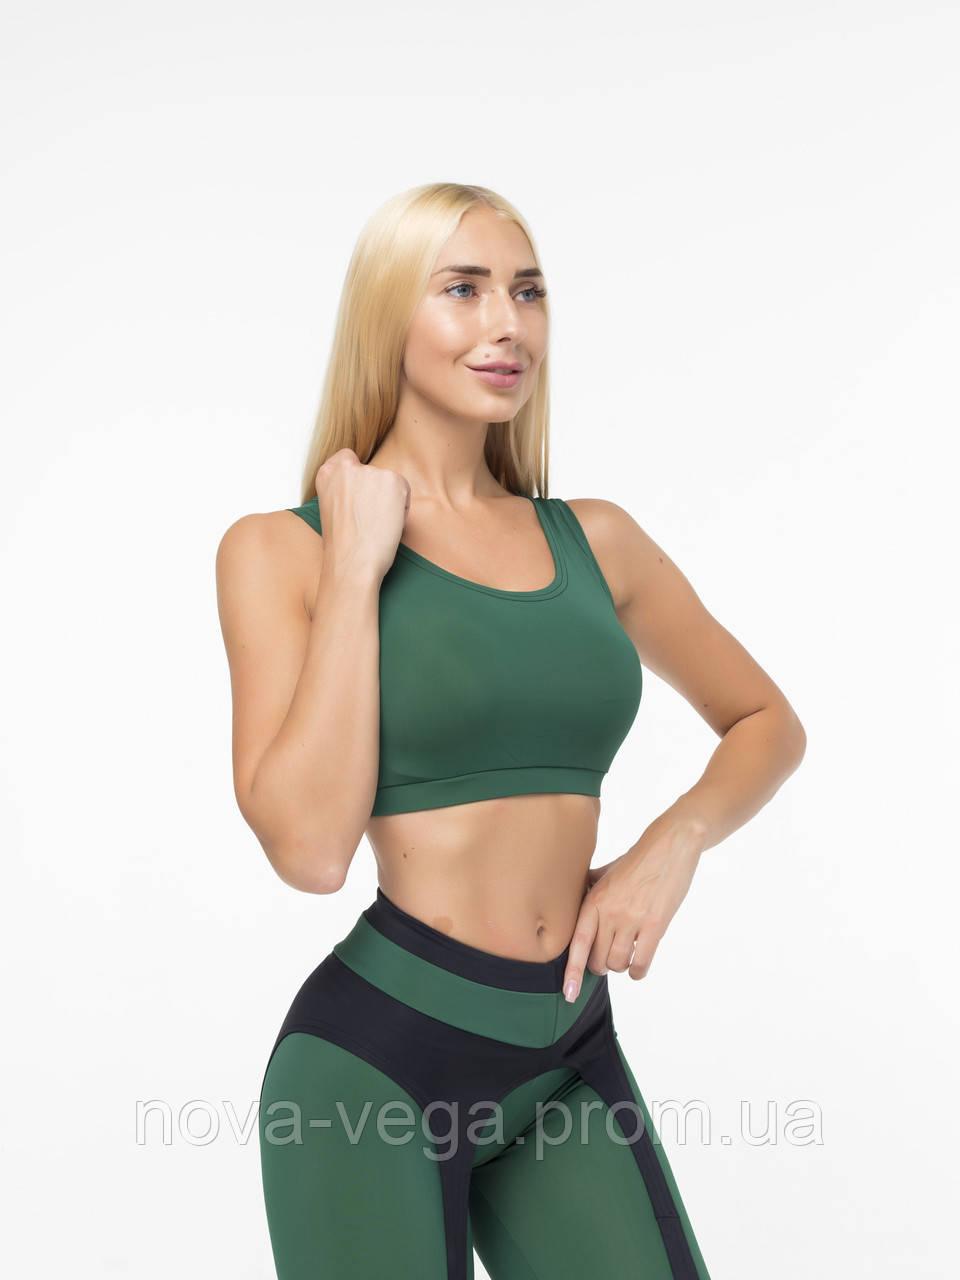 Женский Спортивный Топик Nova Vega Classic Green